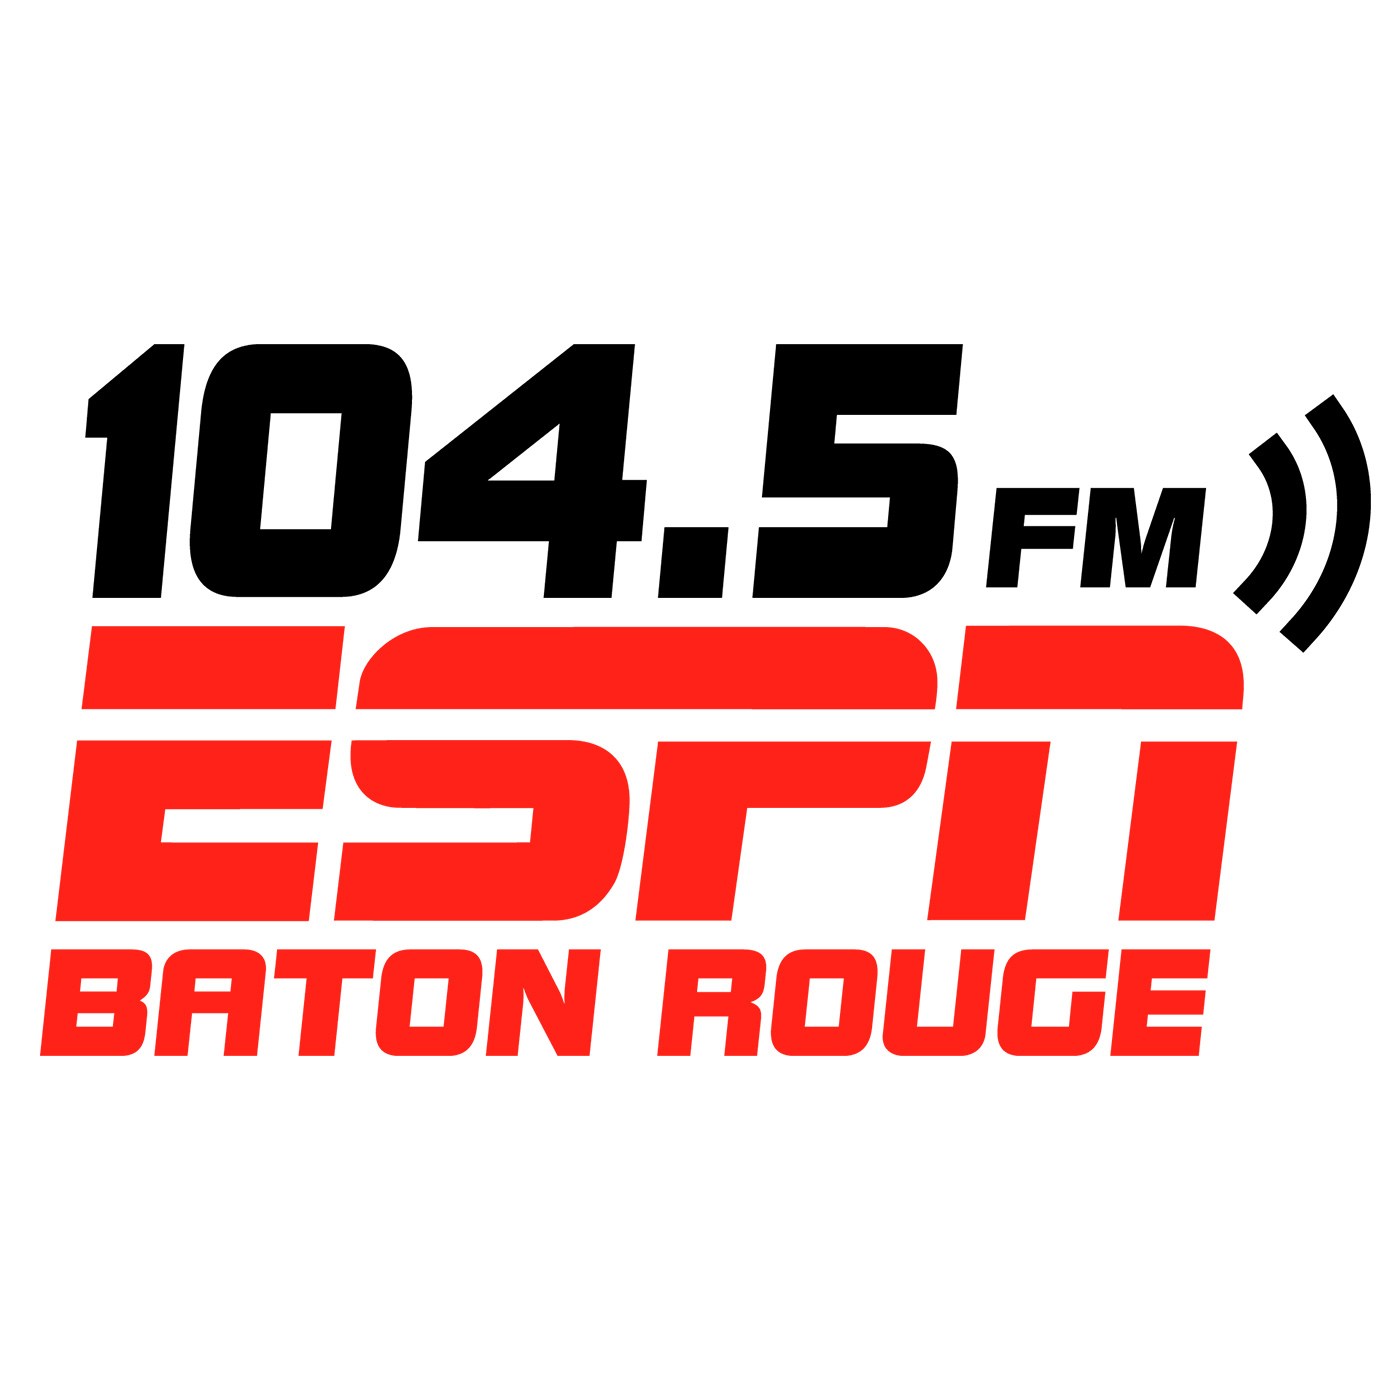 Espn Baton Rouge Audio Shea Dixon Geaux247 Espndeportes Qoşulma tarixi 18 avq 2006. espn baton rouge audio shea dixon geaux247 espndeportes